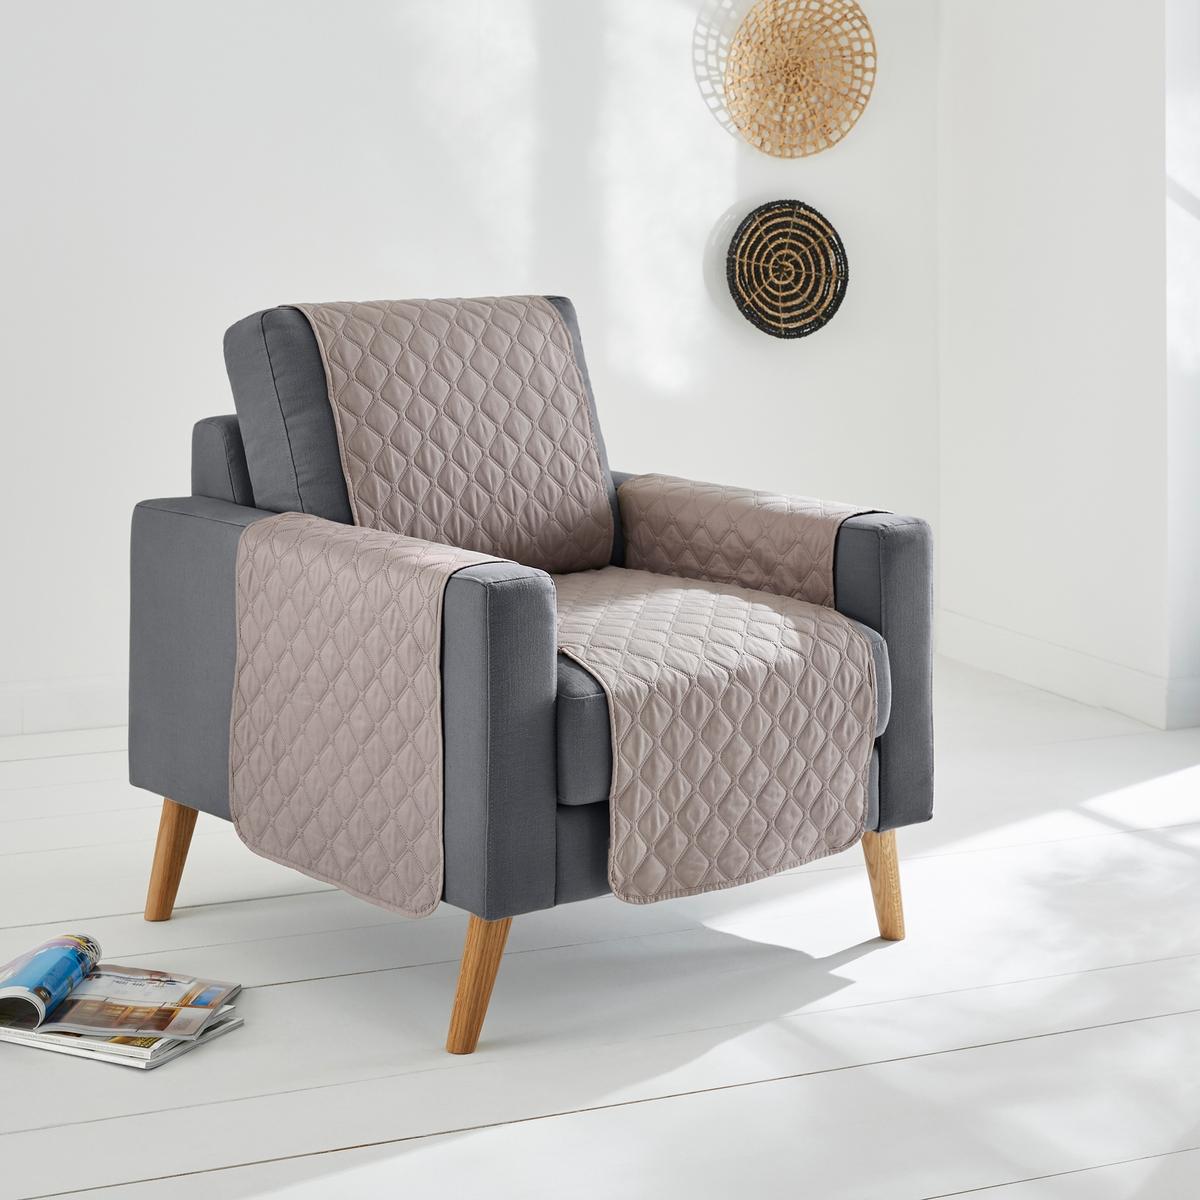 Чехол La Redoute Защитный для кресла или дивана Oralda 3 местн. каштановый чехол la redoute эластичный для кресла и дивана ahmis 3 местн белый